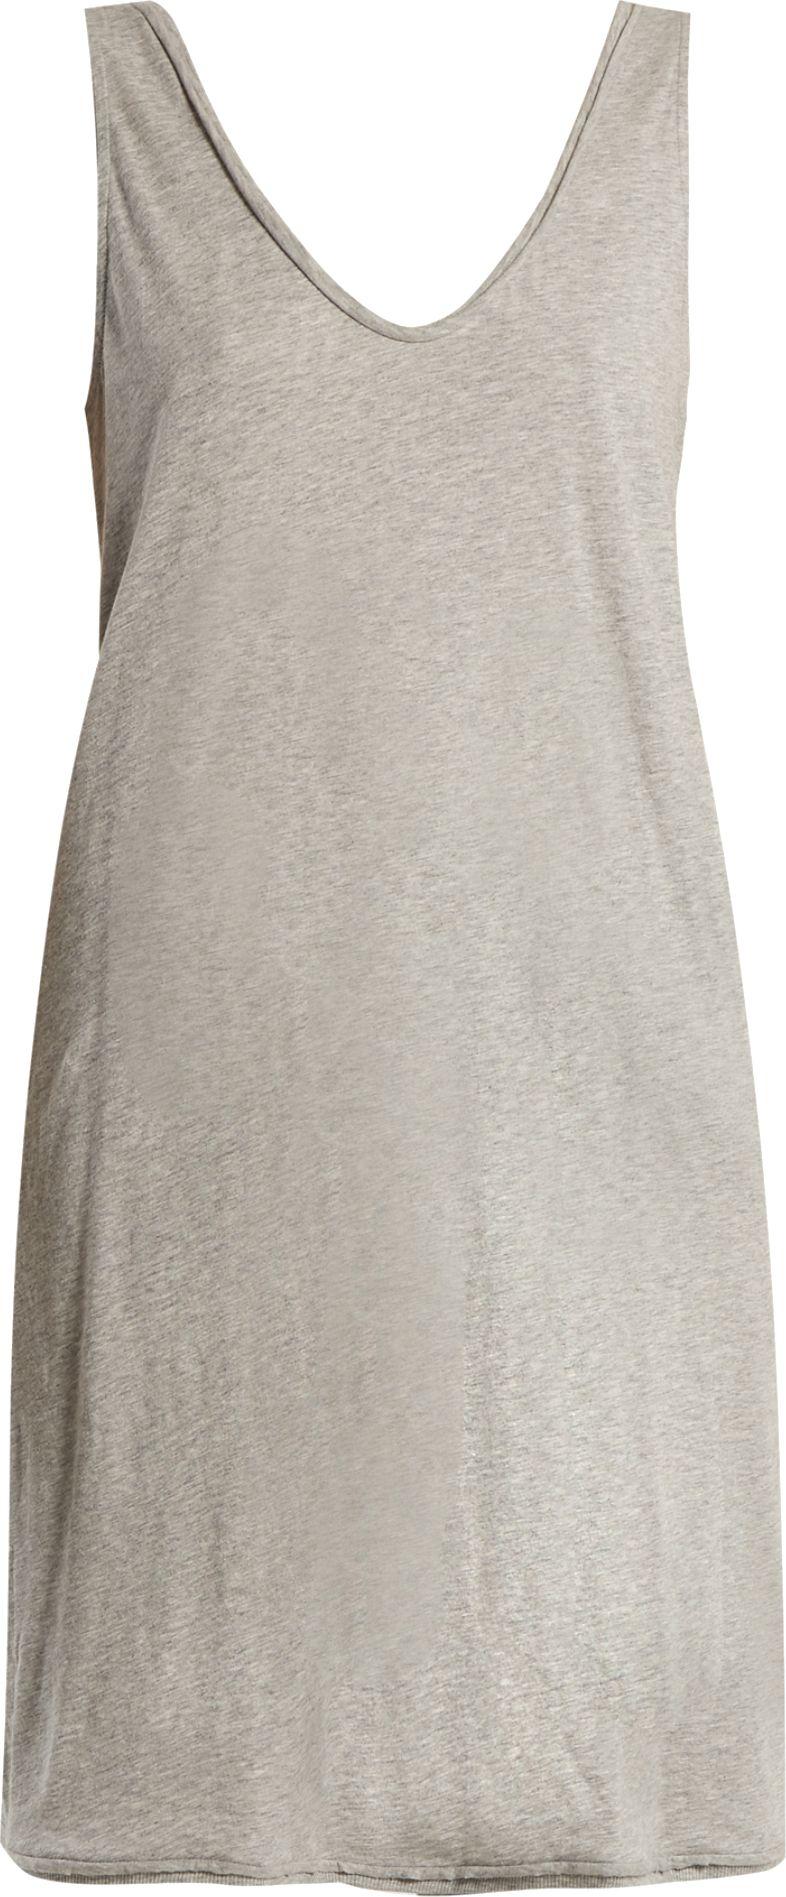 SKIN - Cotton-jersey nightdress